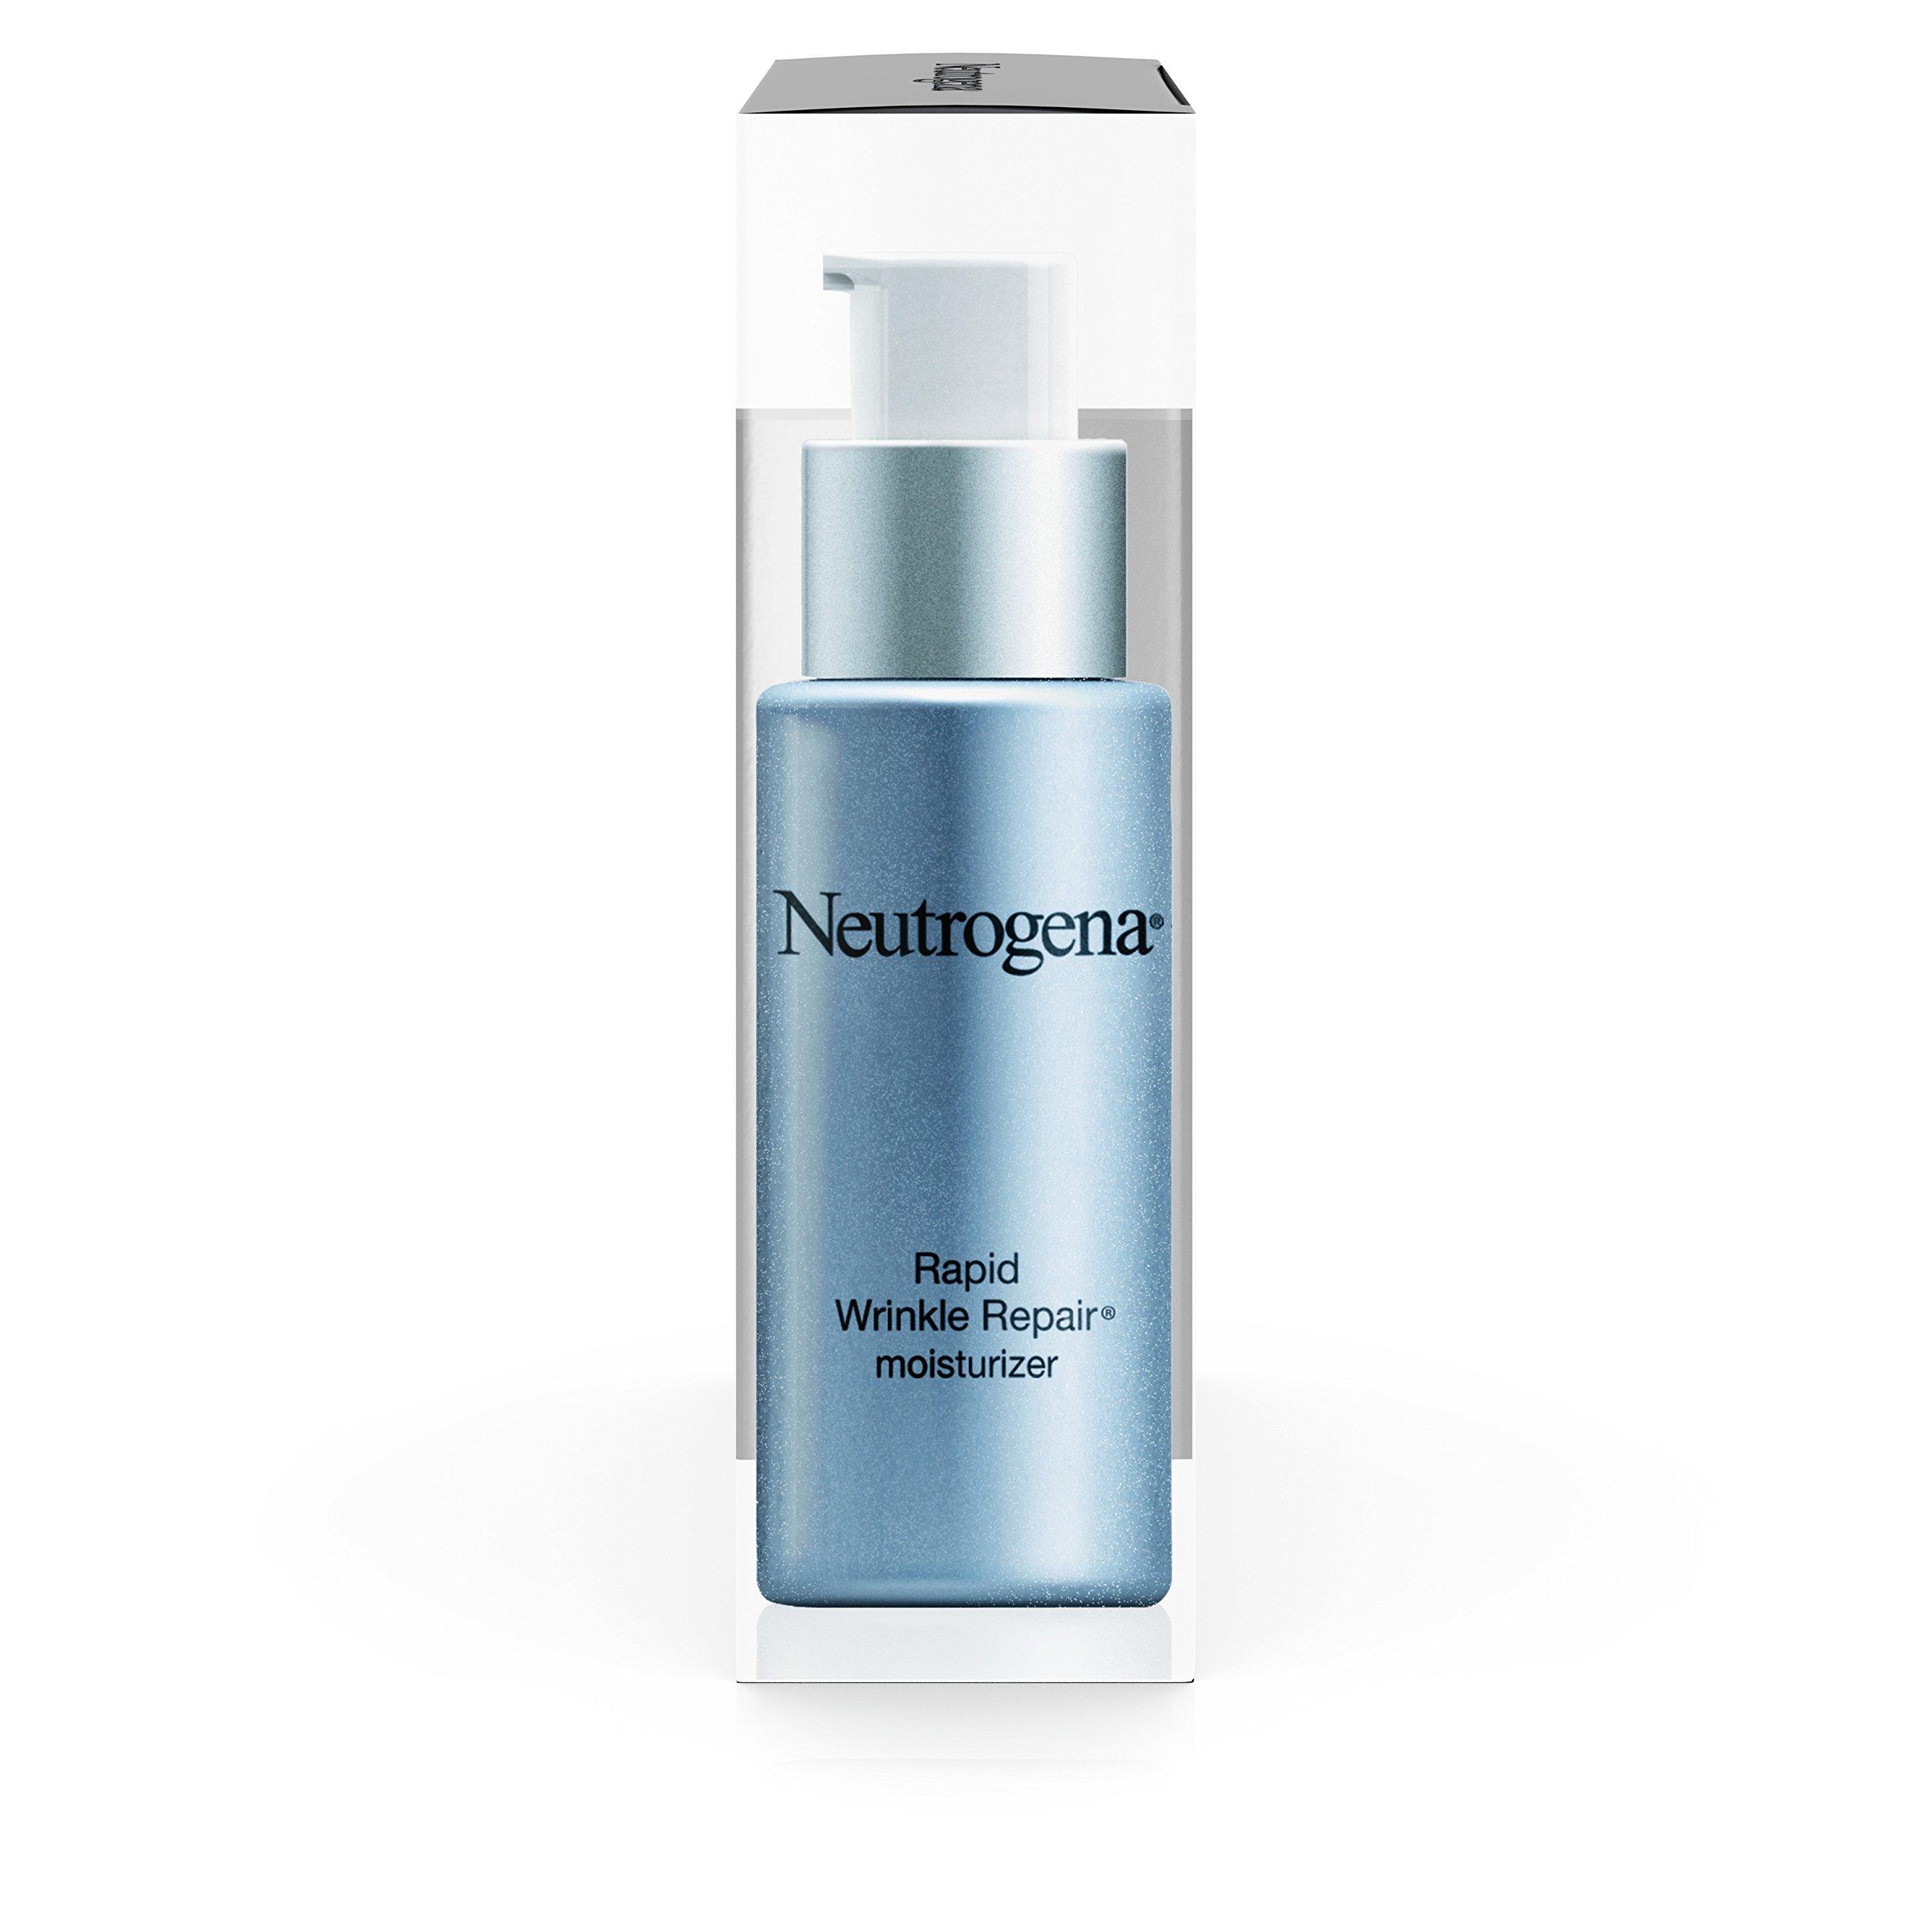 Neutrogena Rapid Wrinkle Repair Anti-Wrinkle Retinol Daily Face Moisturizer, with SPF 30 Sunscreen, 1 fl. Oz by Neutrogena (Image #10)